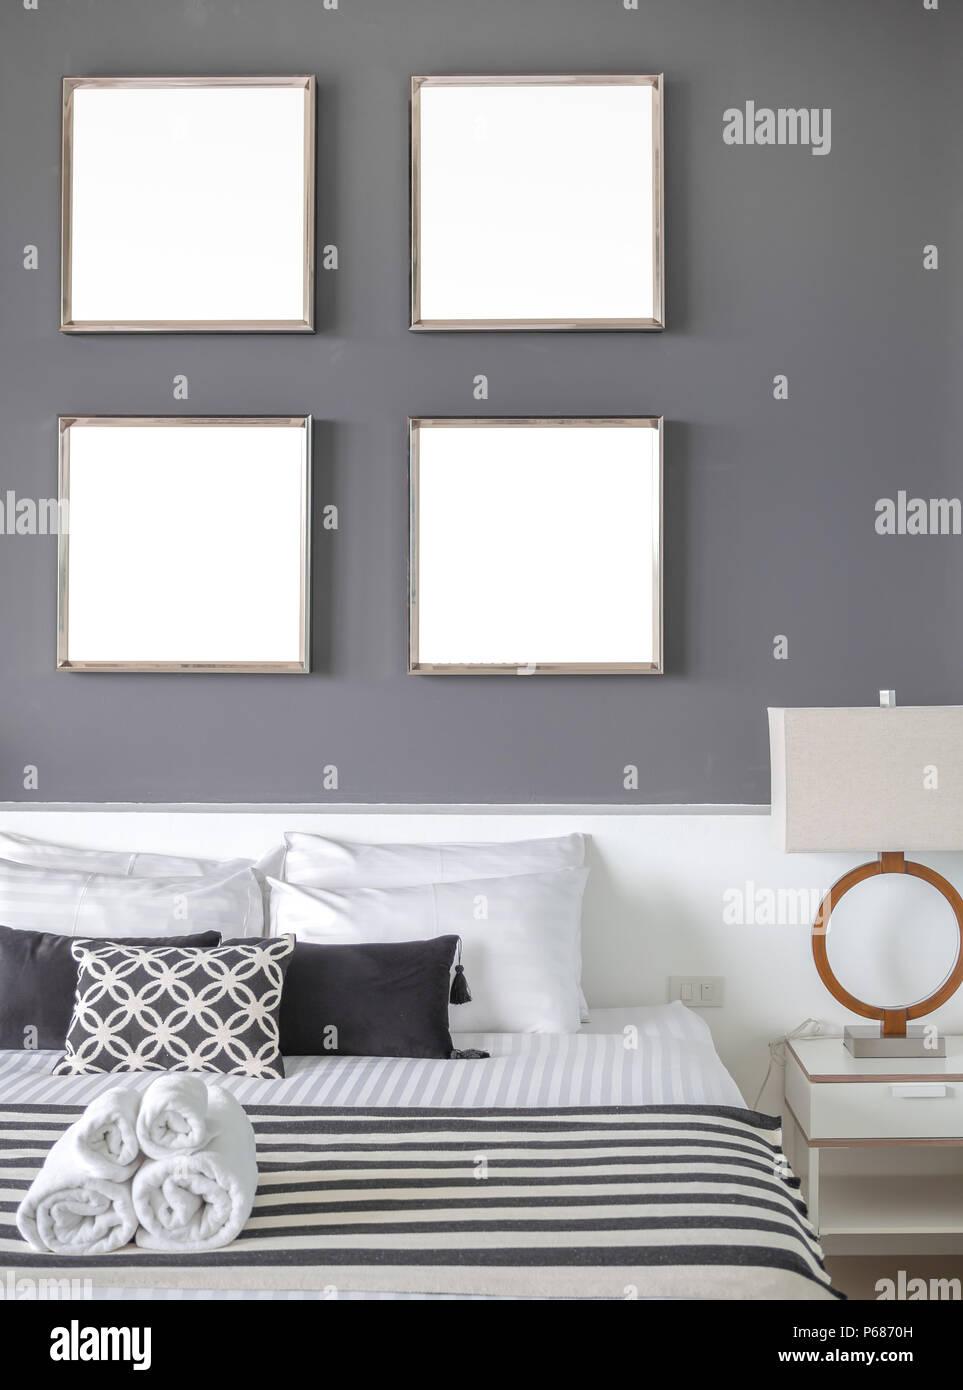 Modernes Schlafzimmer mit vier Quadratmeter leer Edelstahl ...